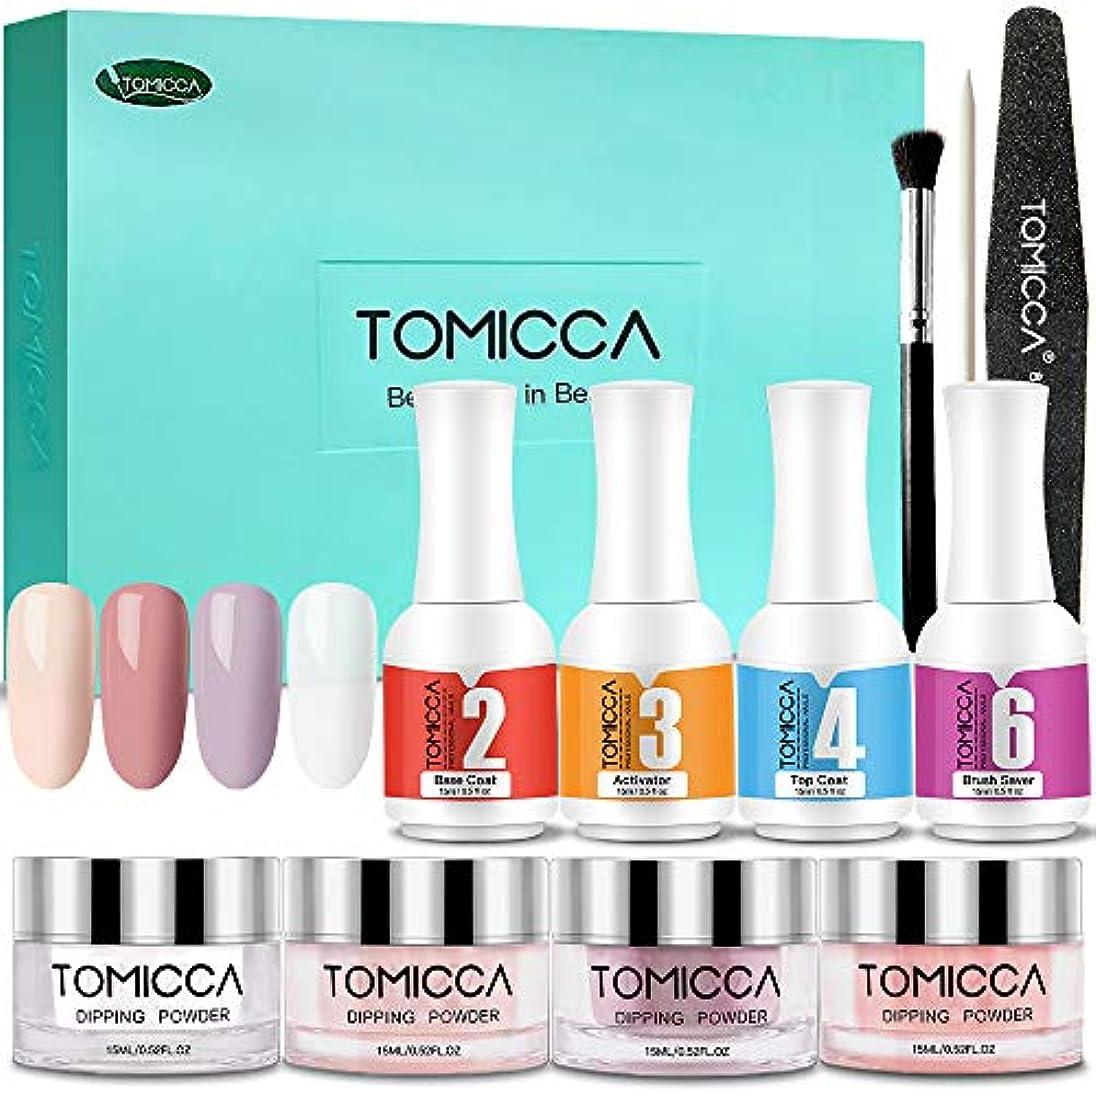 製油所ヒント弾性TOMICCA パウダーマニキュア ネイルパウダー 4色セット 15g UV*LED ライト不要 初心者適用 色付け簡単 人気 アメリカ流行 (ピンク)